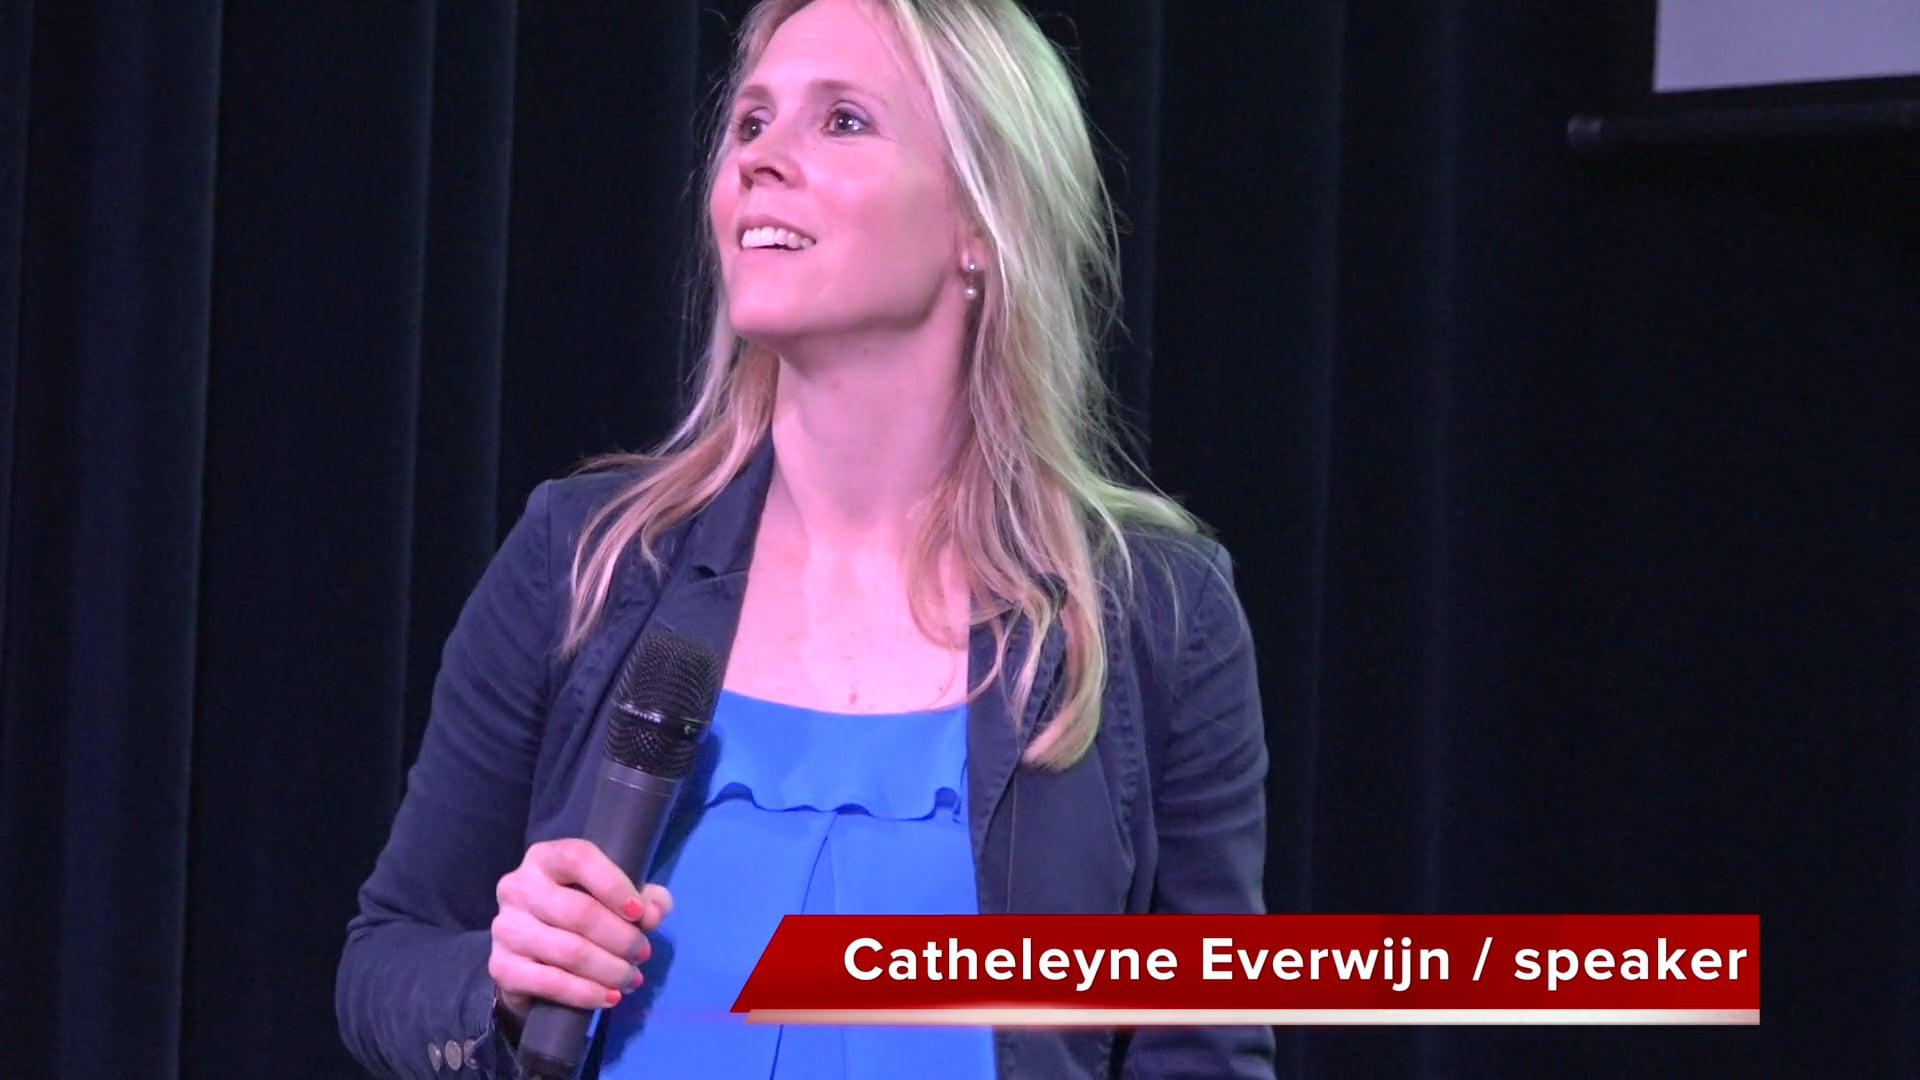 Catheleyne